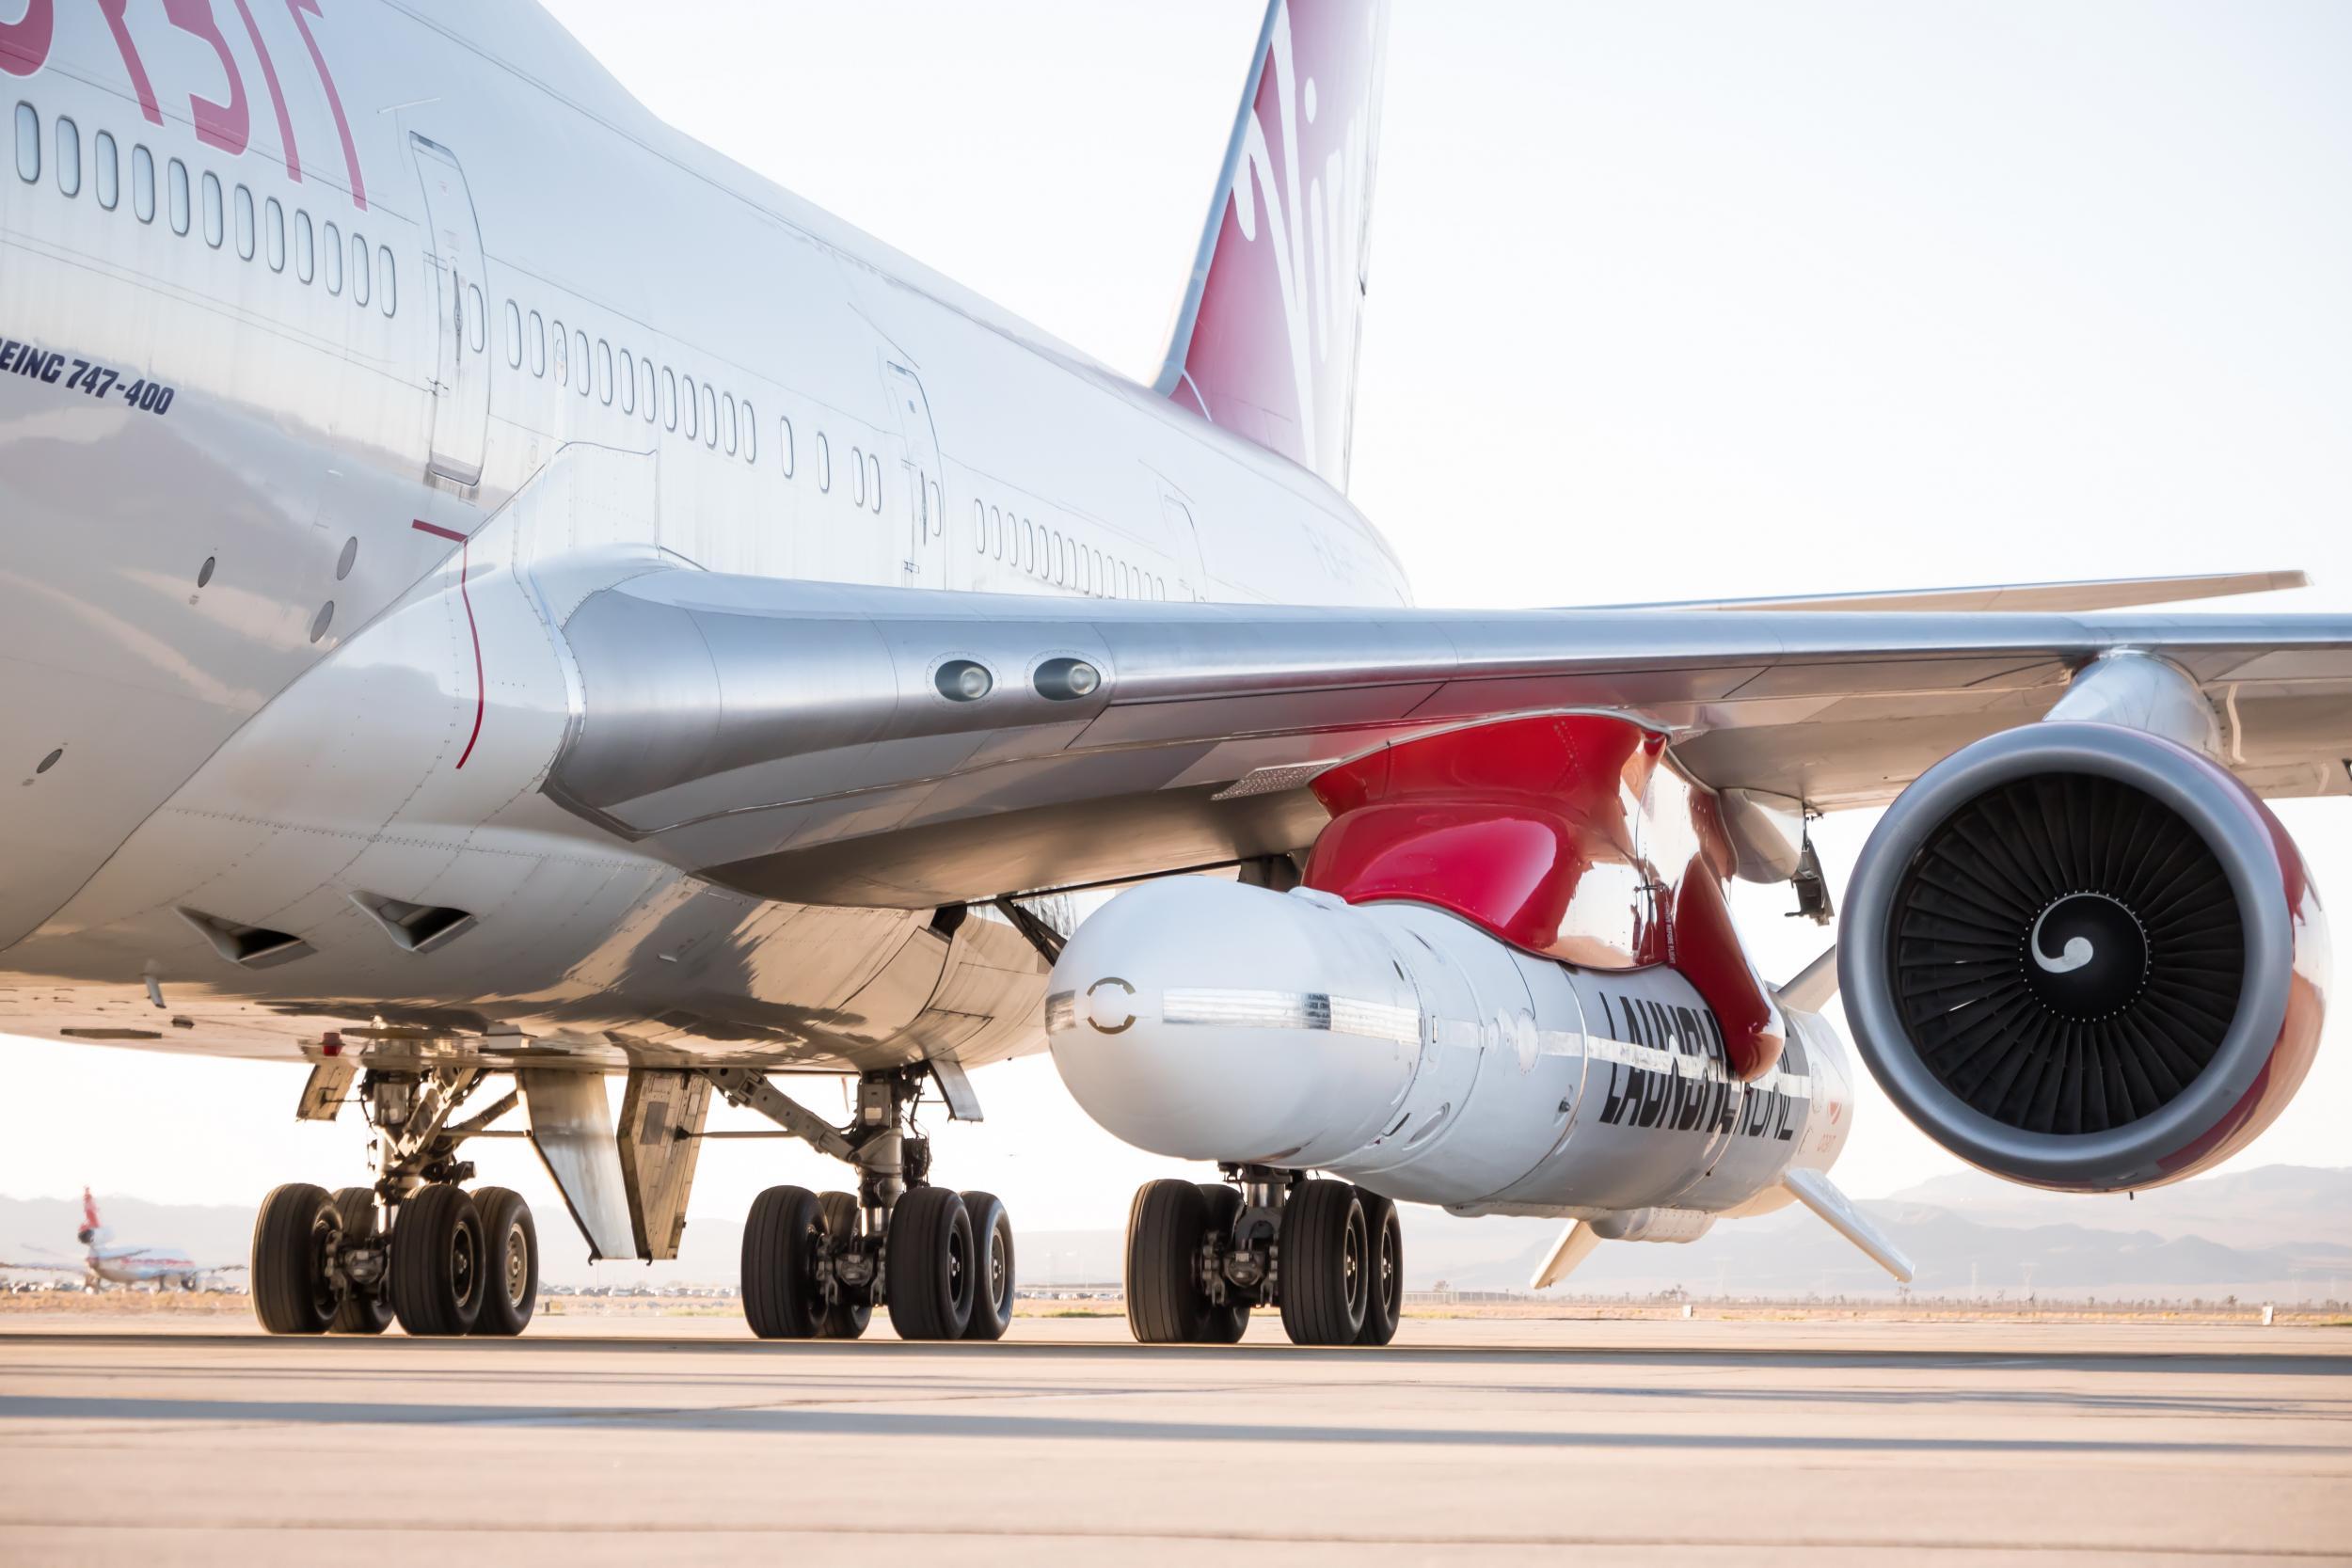 Virgin Orbit's first rocket launch over Pacific Ocean hits snag